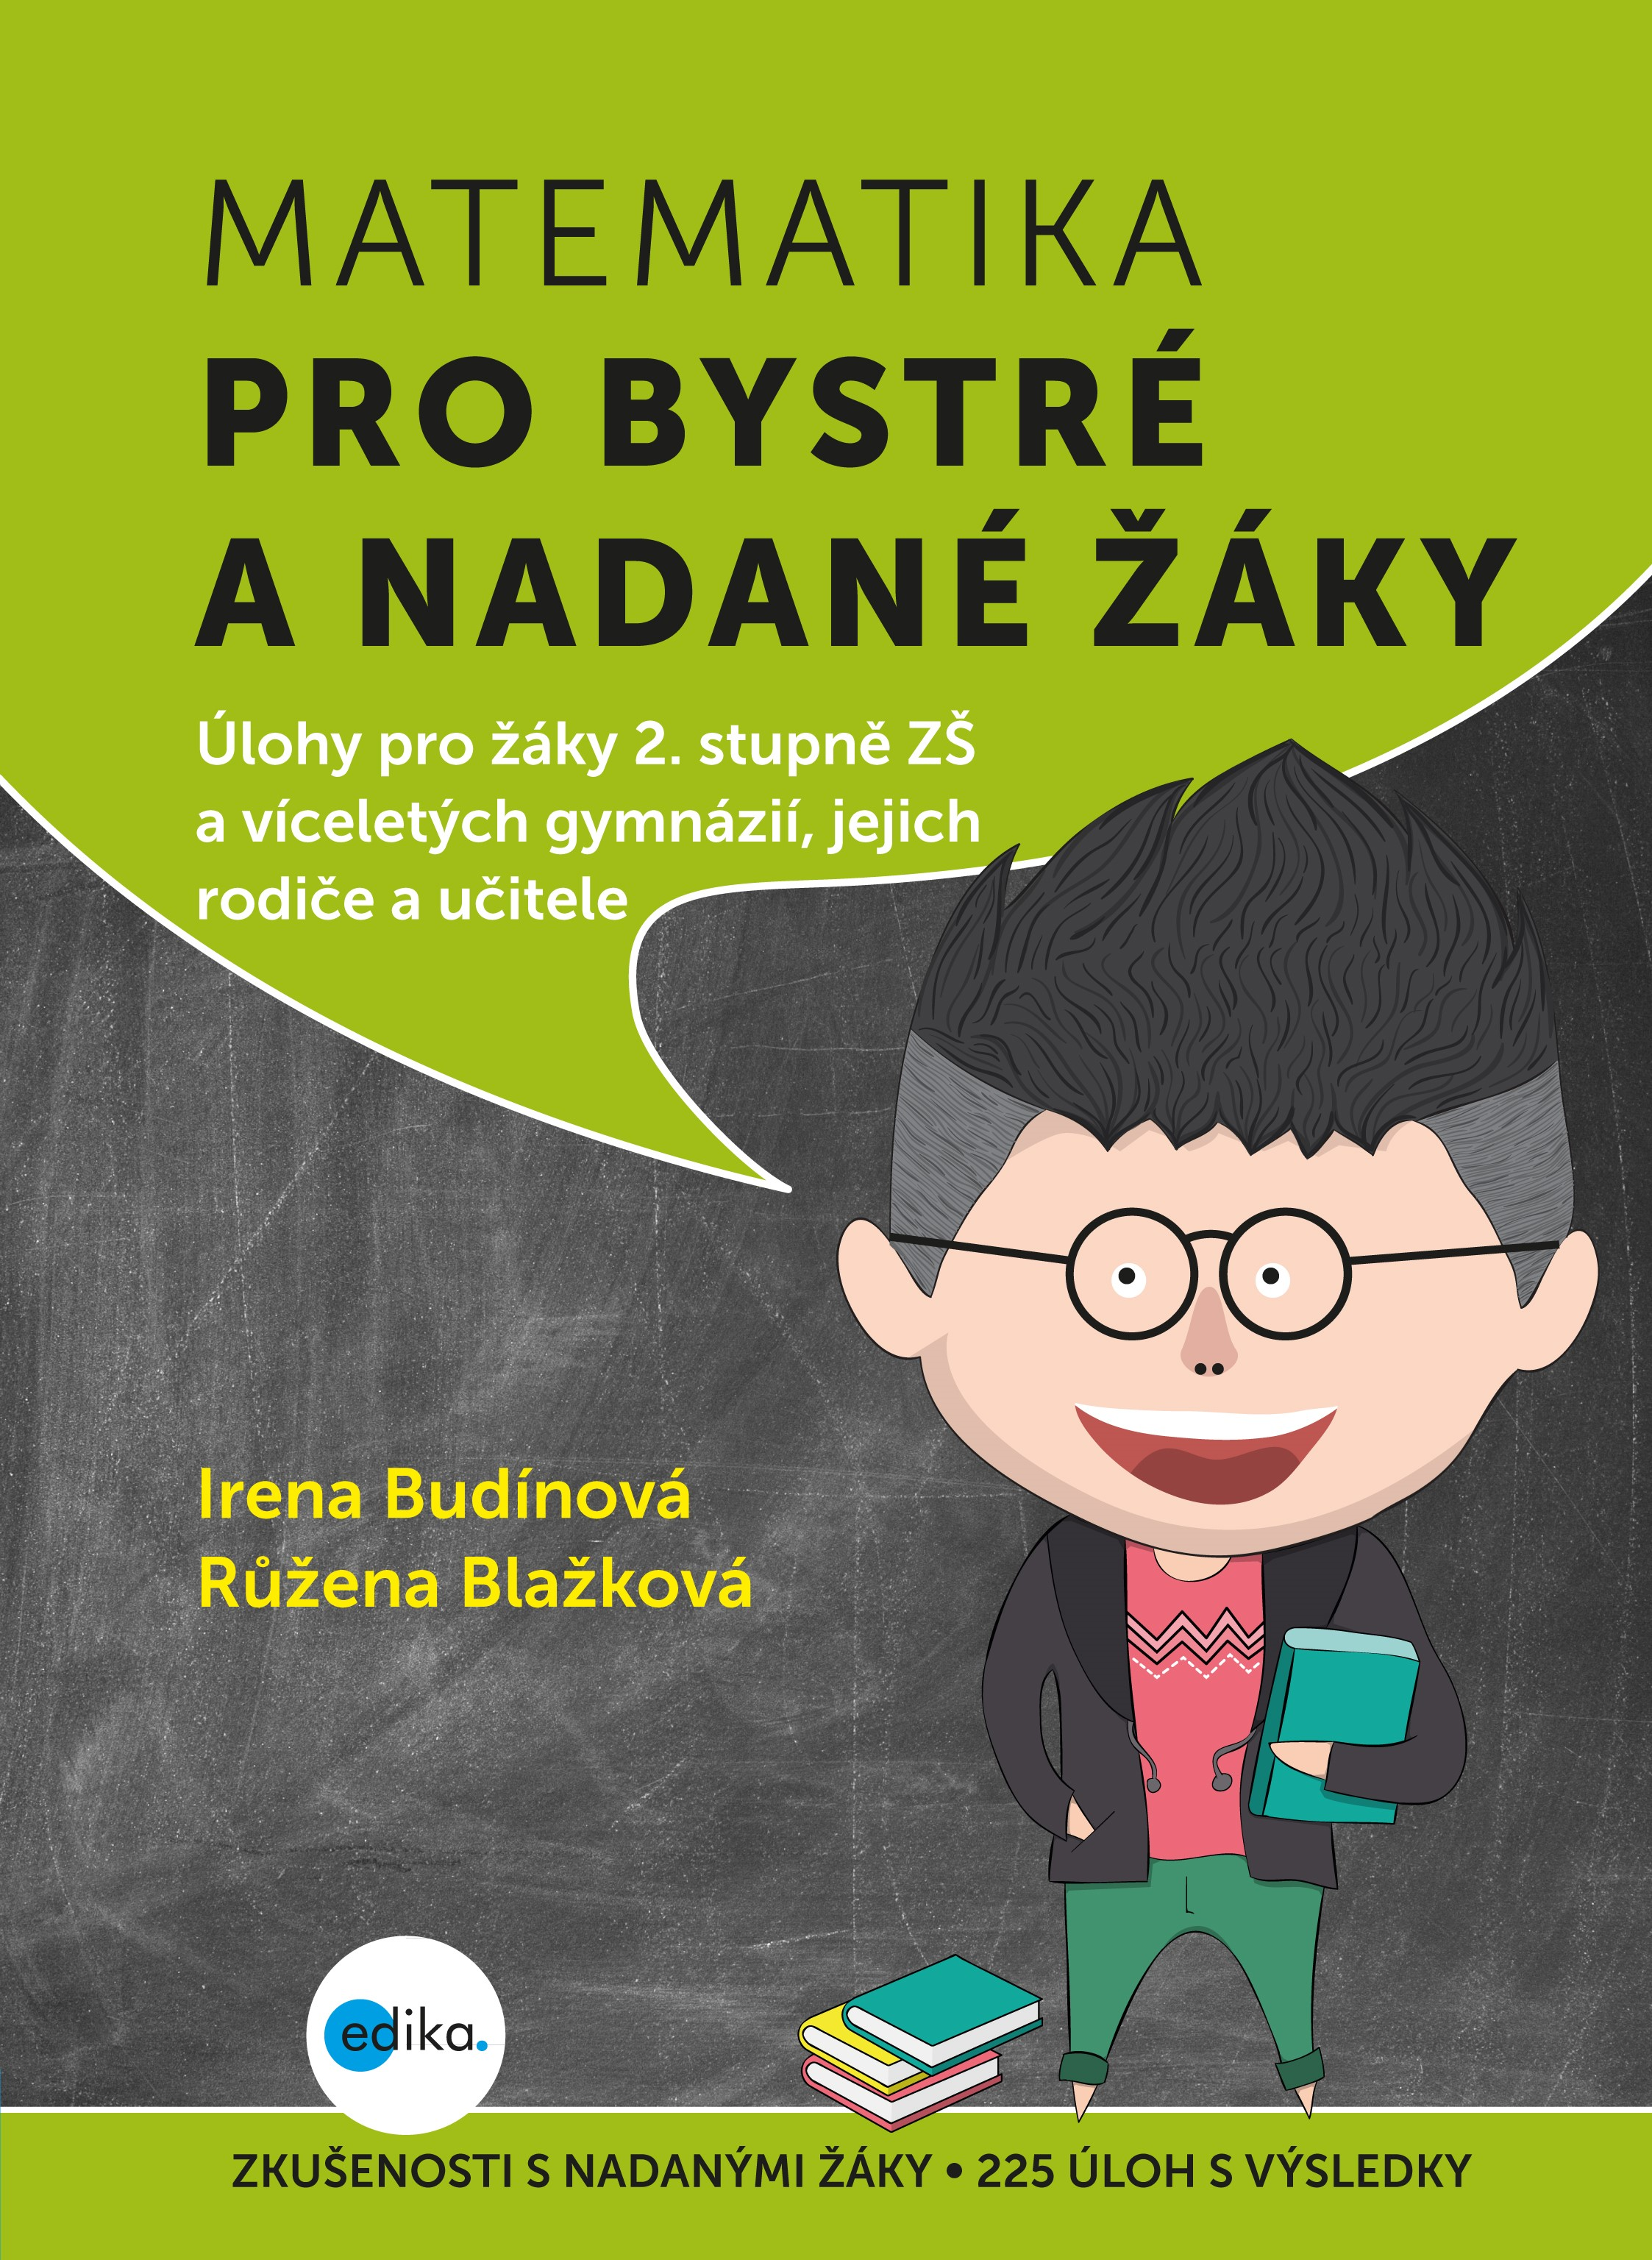 Matematika pro bystré a nadané žáky, 2. díl